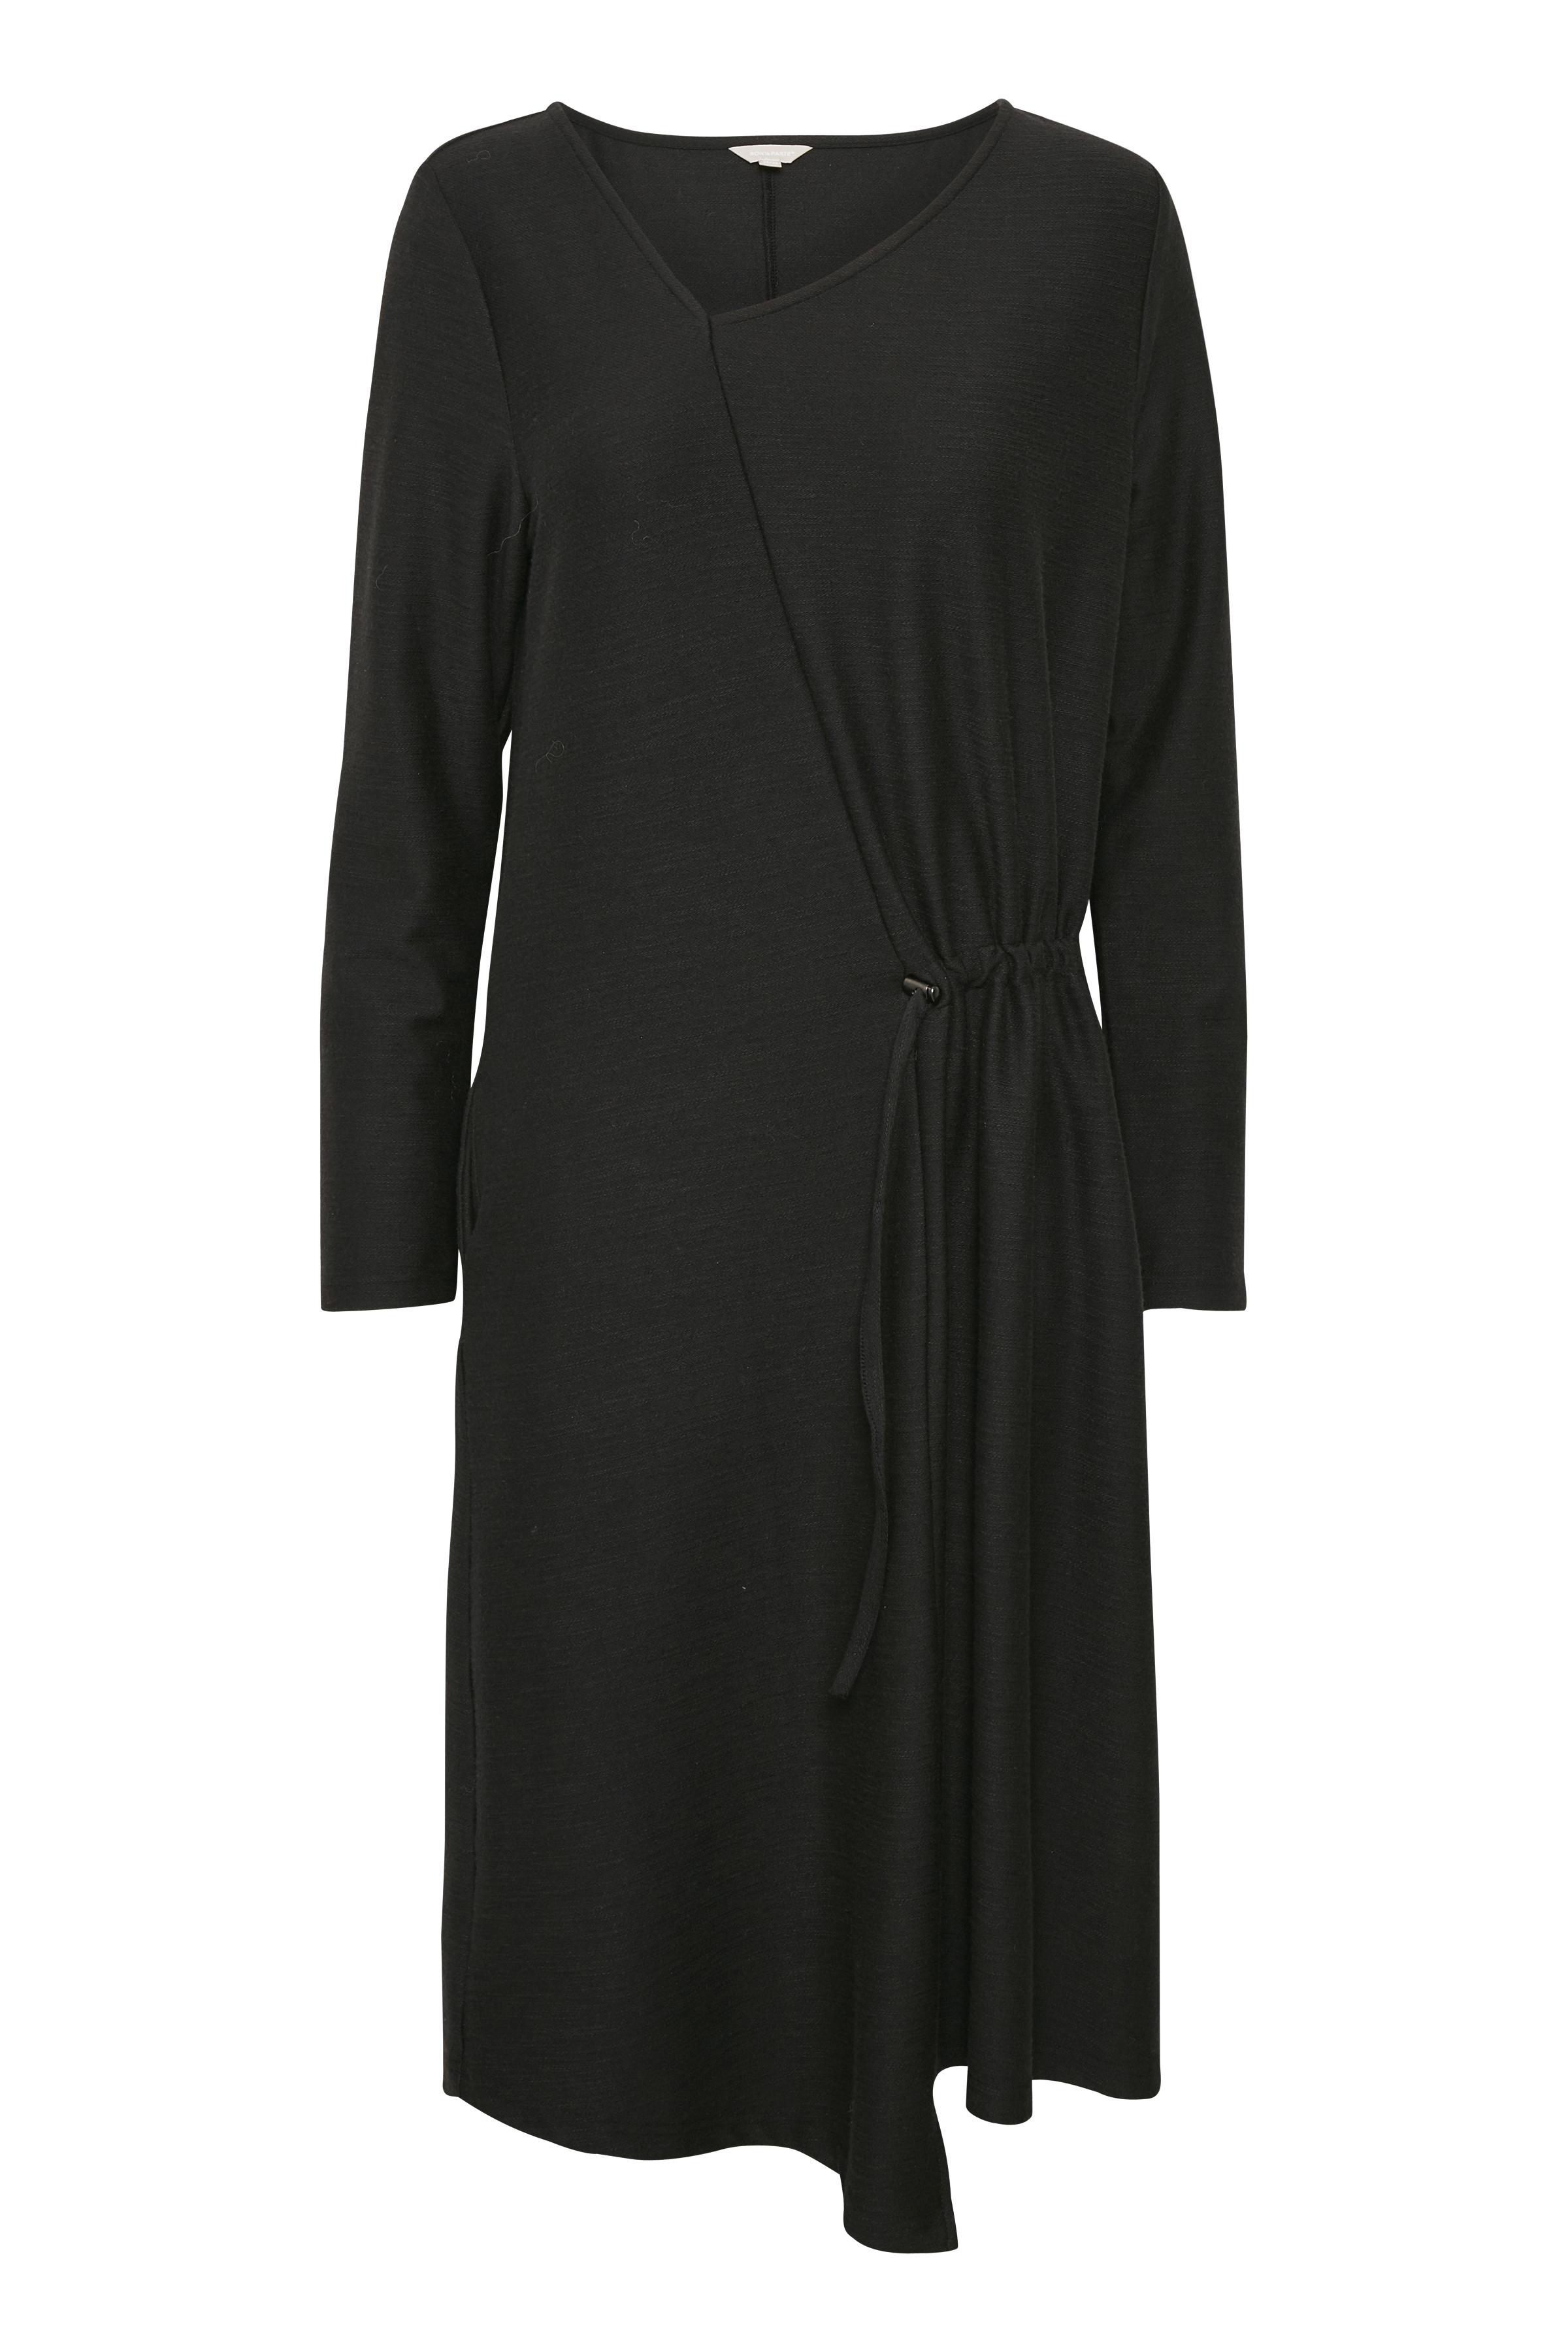 Schwarz Kleid von Bon'A Parte – Shoppen Sie Schwarz Kleid ab Gr. S-2XL hier